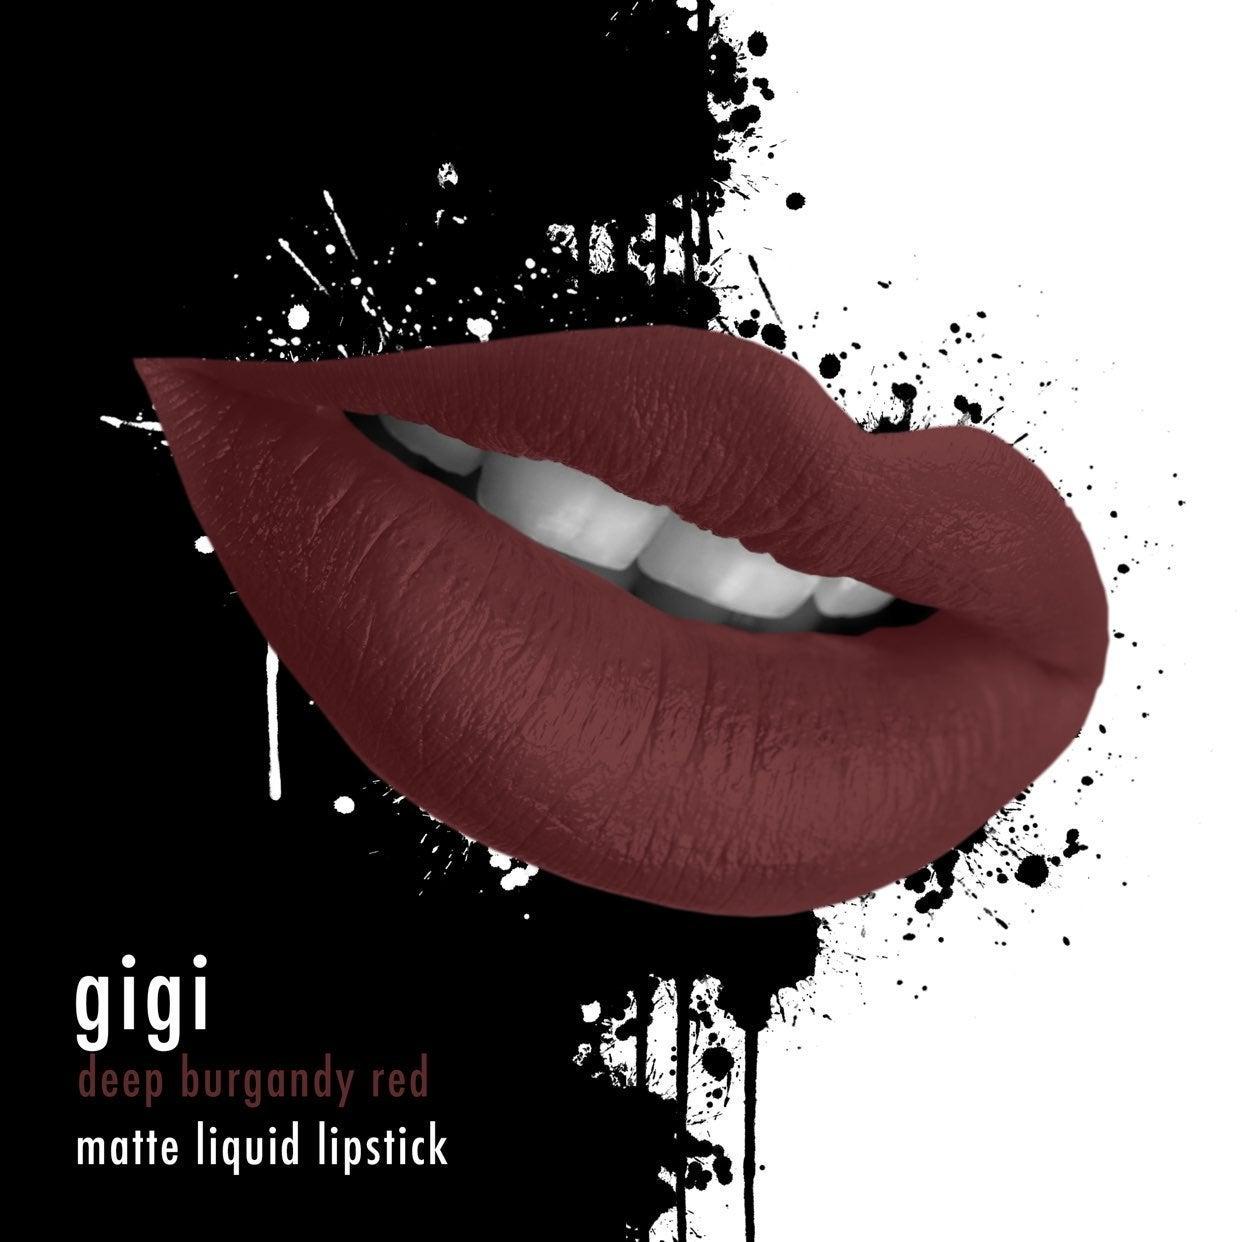 matteify matte liquid lipstick - gigi ma